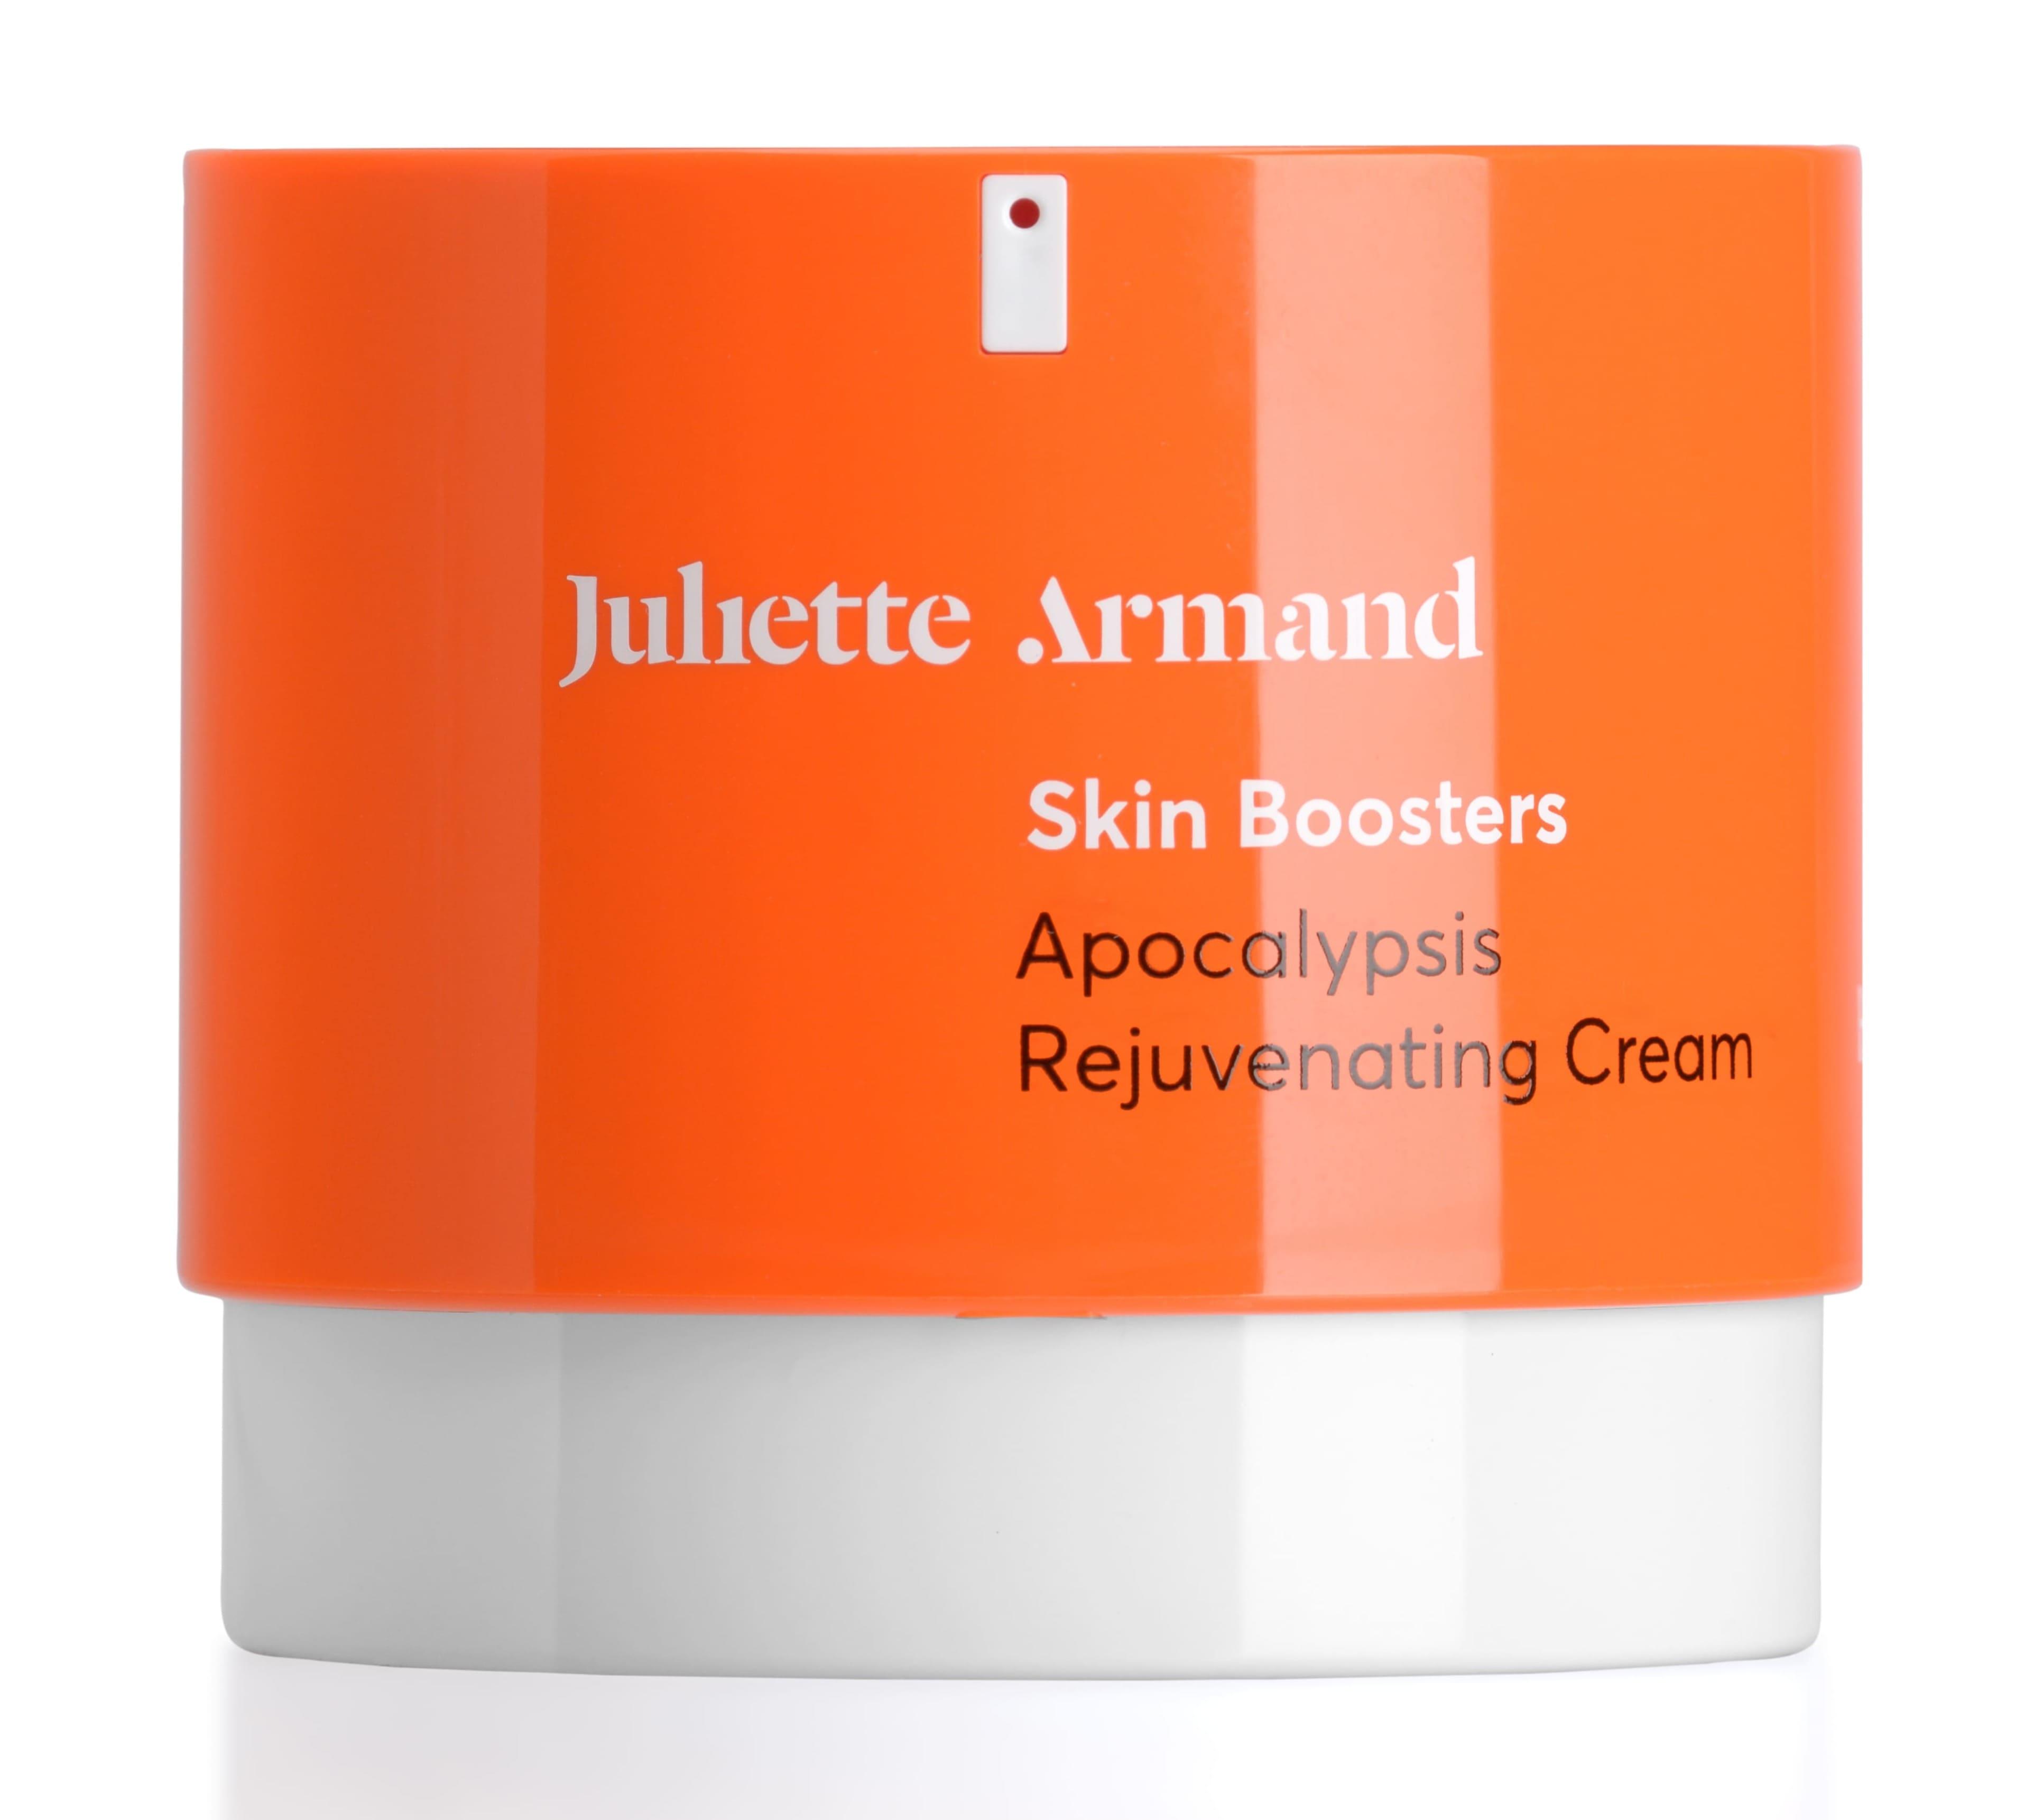 Apocalypsis Rejuvenating Cream SB, 50 мл Омолаживающий крем для интенсивной регенерации клеток и восстановления кожи